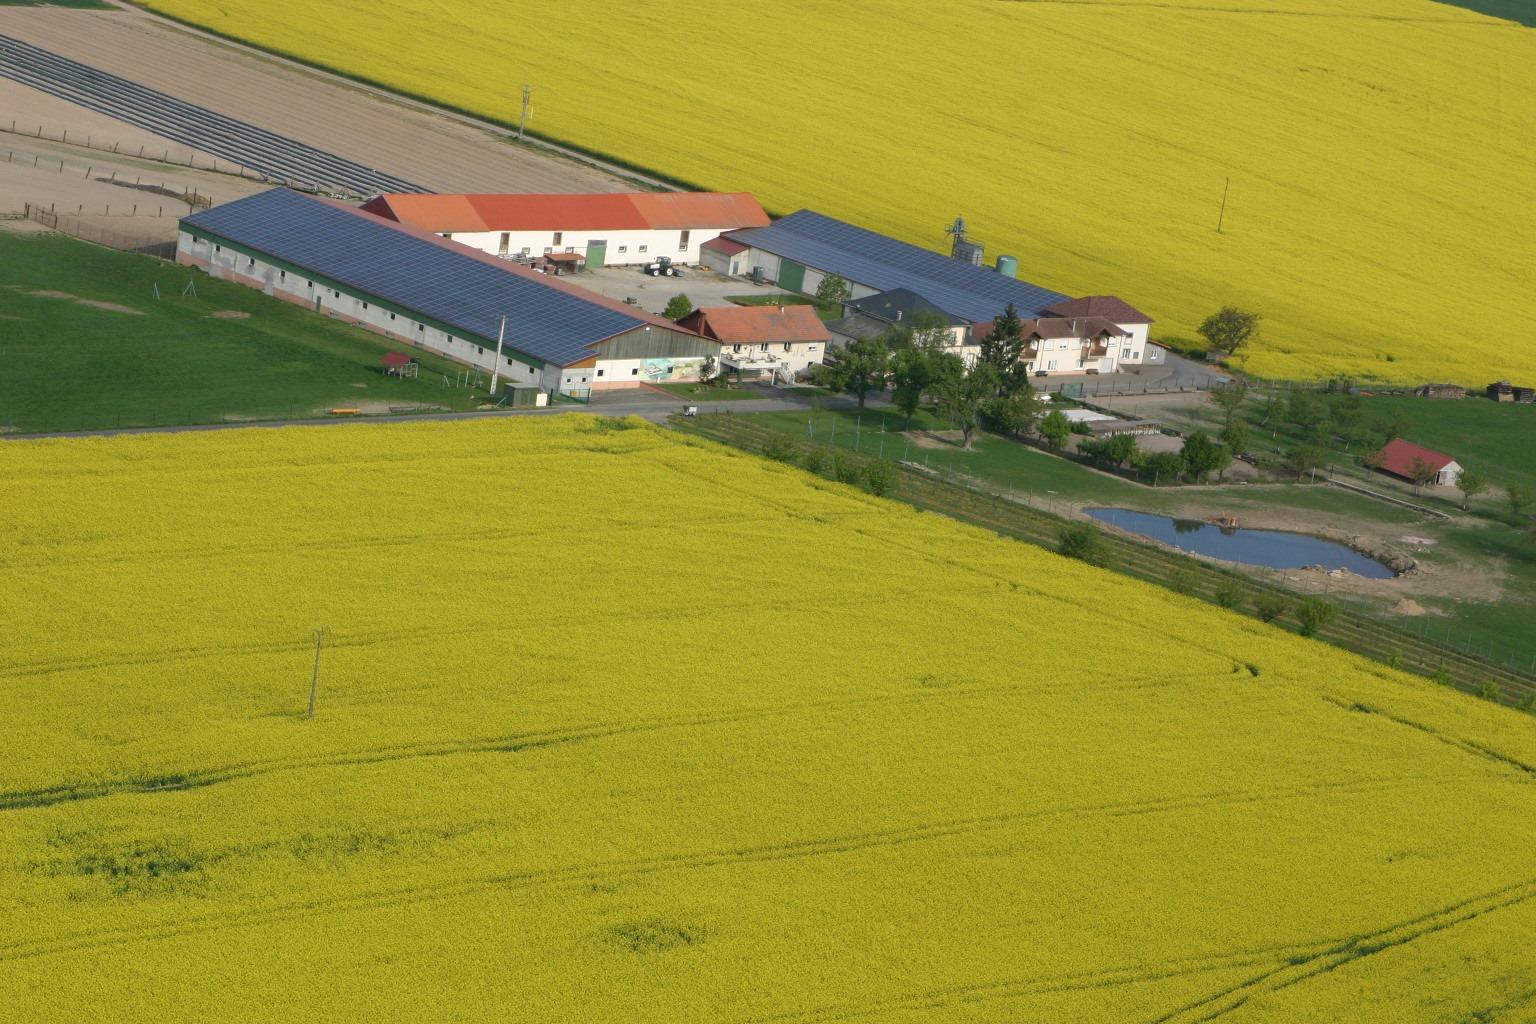 Farm 'Le Strohhof'